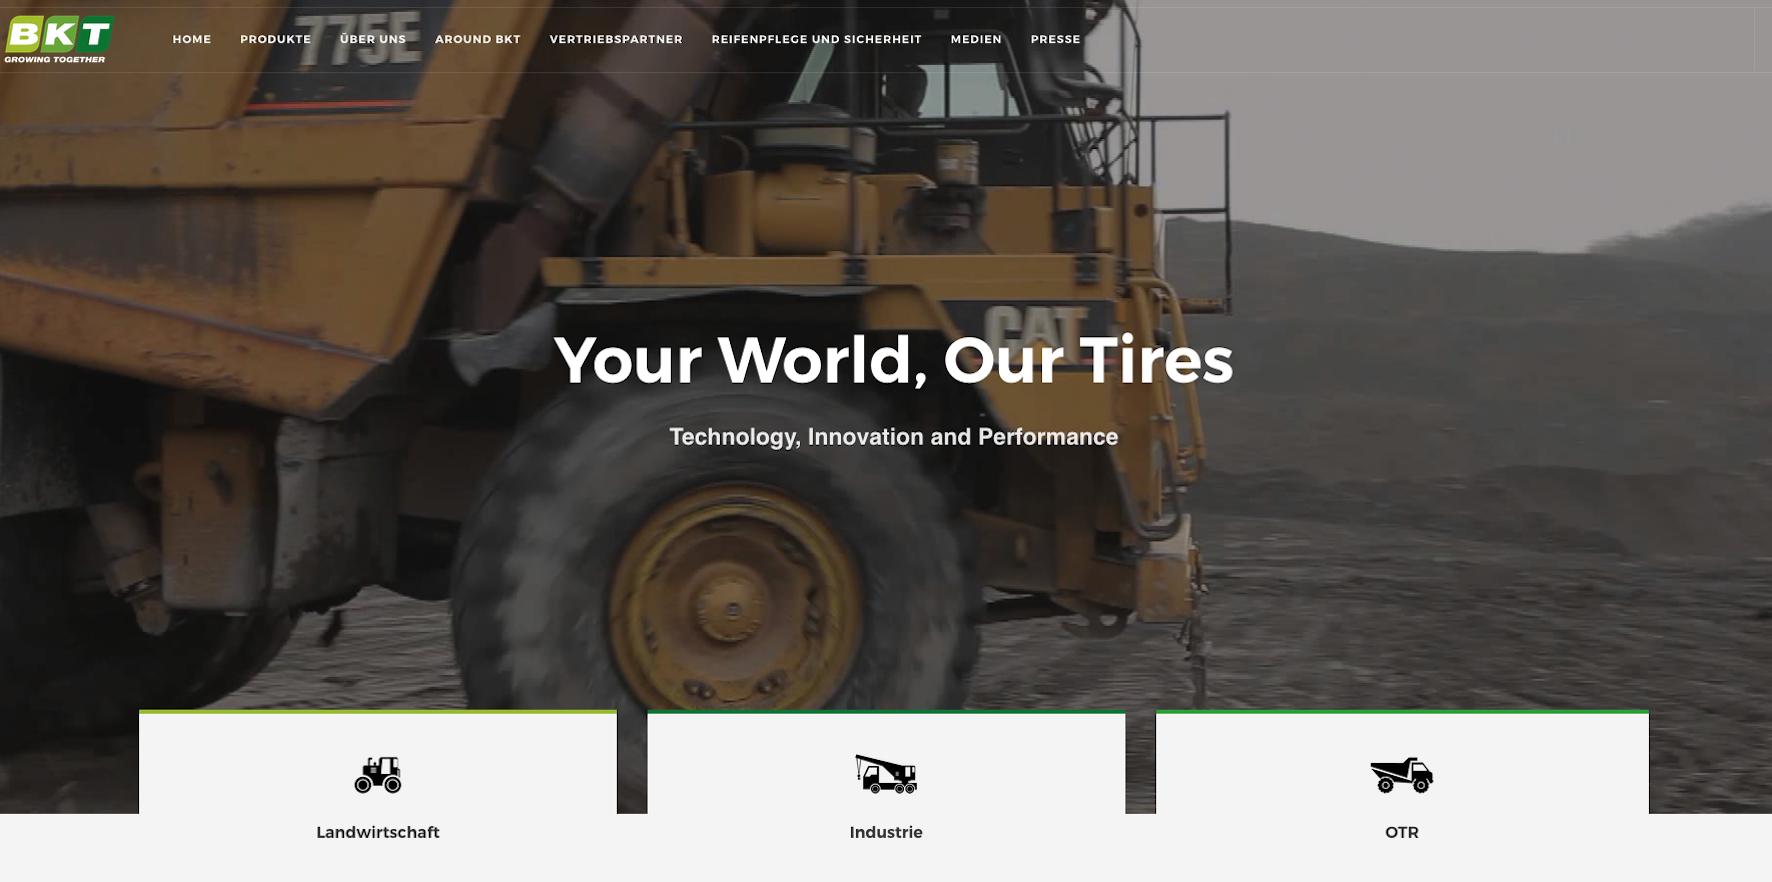 Dynamisch und fesselnd ist BKTs neuer Internetauftritt mit den Reifen in den Hauptrollen ohne gleichen